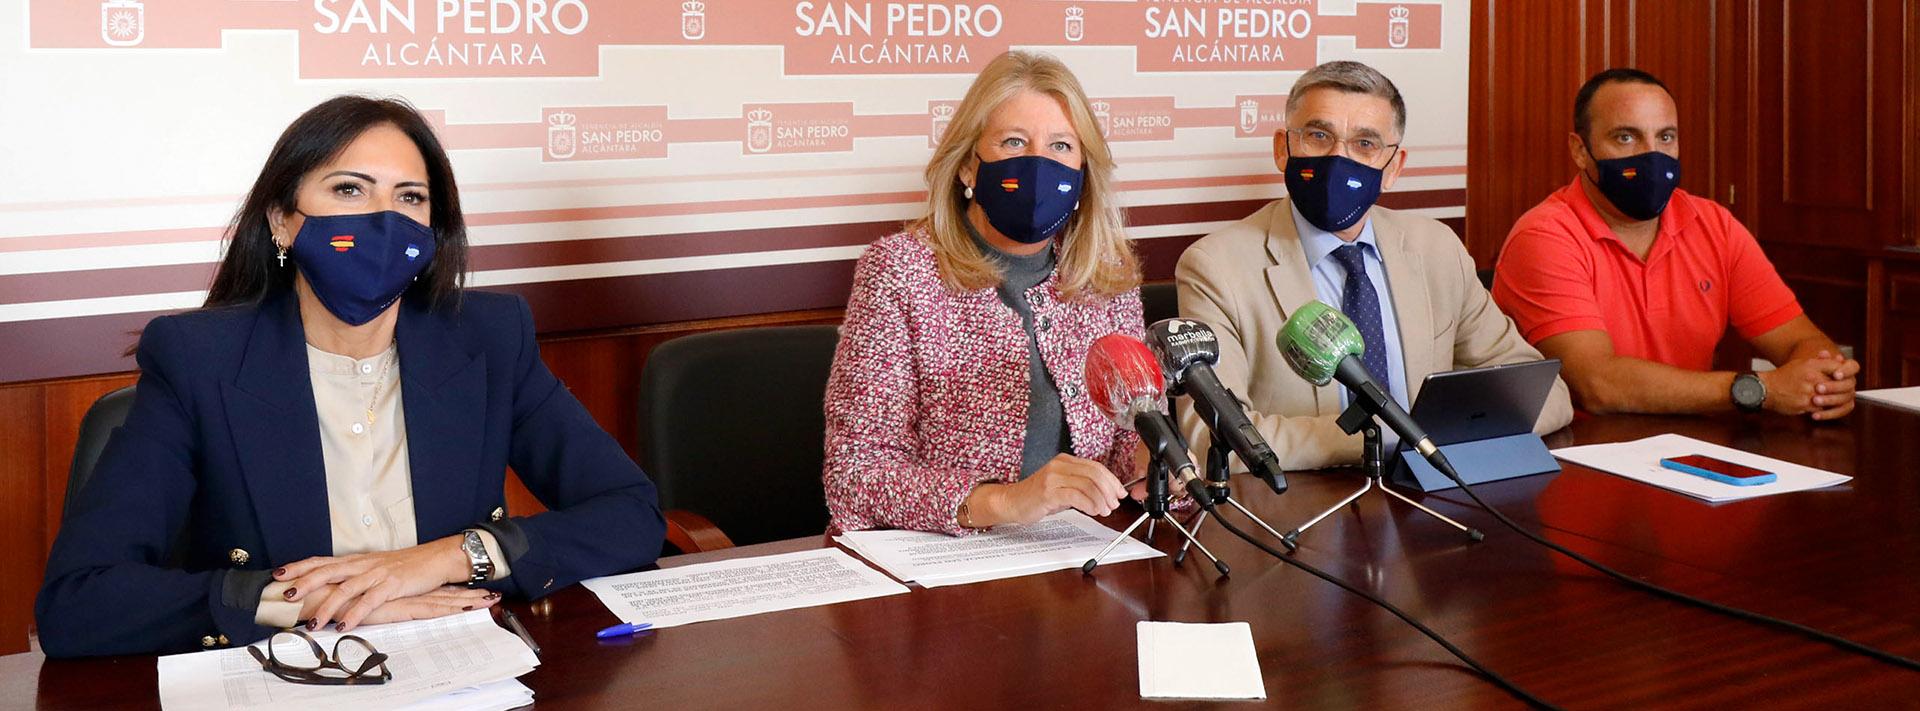 Anuncian una subida del presupuesto municipal para San Pedro Alcántara